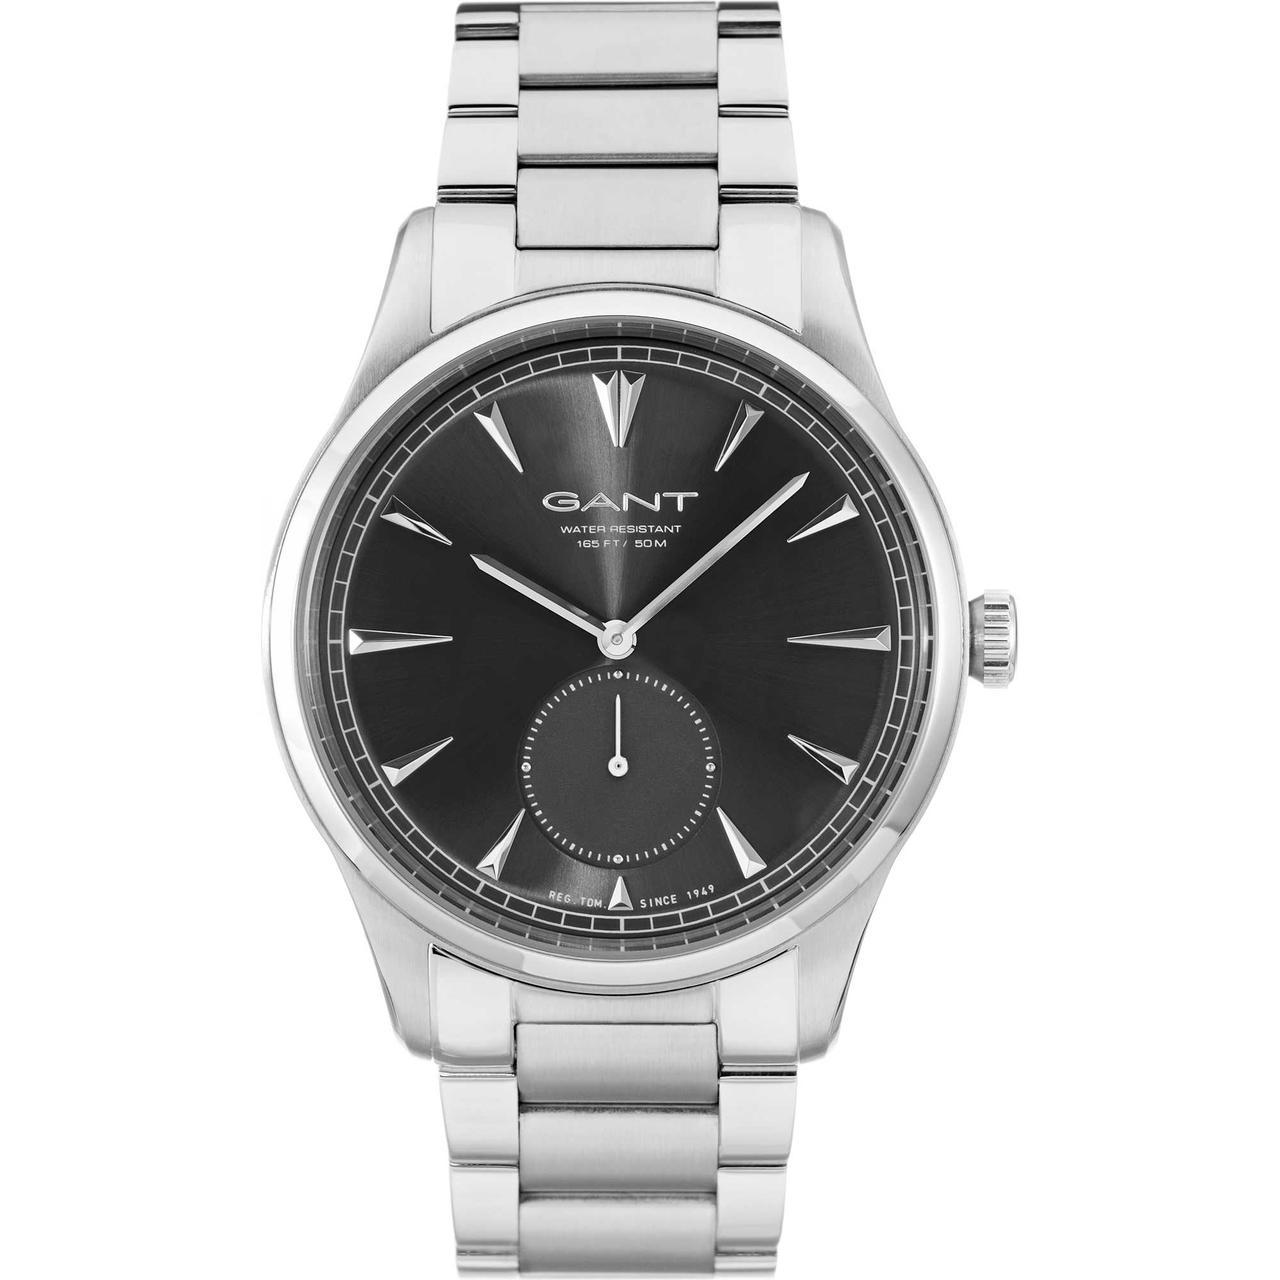 Чоловічий годинник Gant w71007